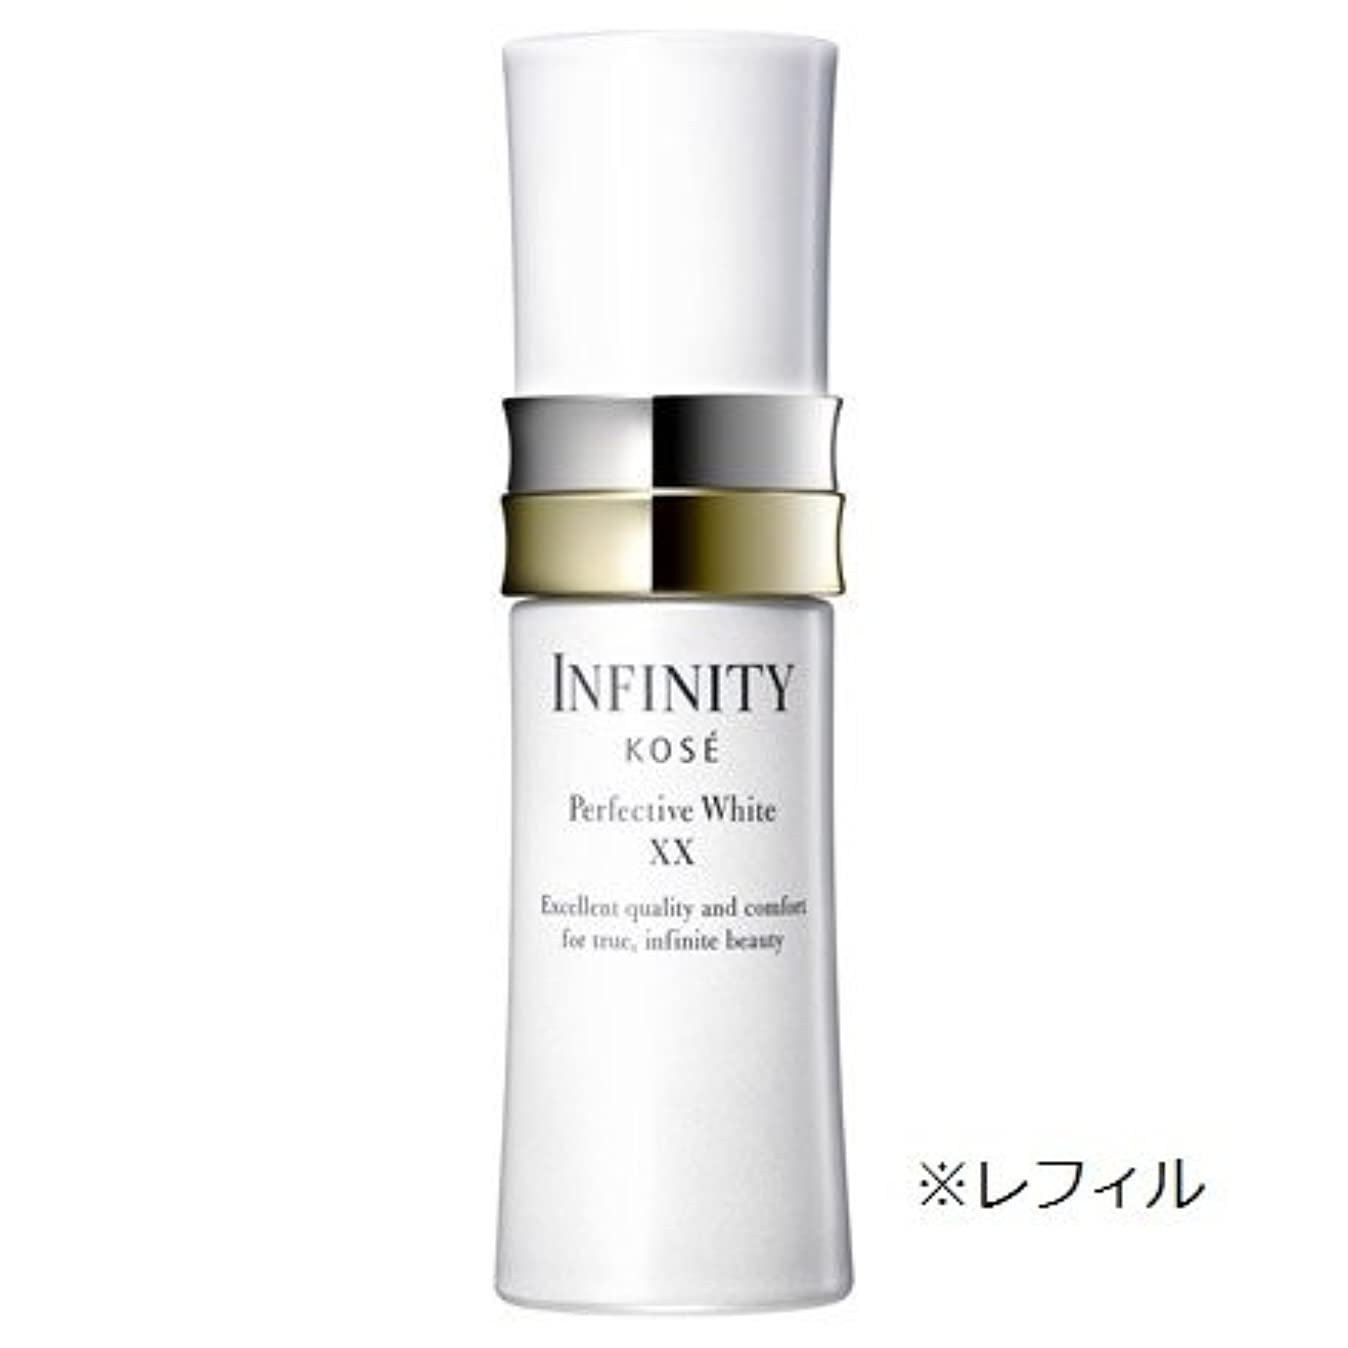 一般化する構造的飲み込むインフィニティ パーフェクティブ ホワイト XX (美白美容液) 40ml ※付けかえ用